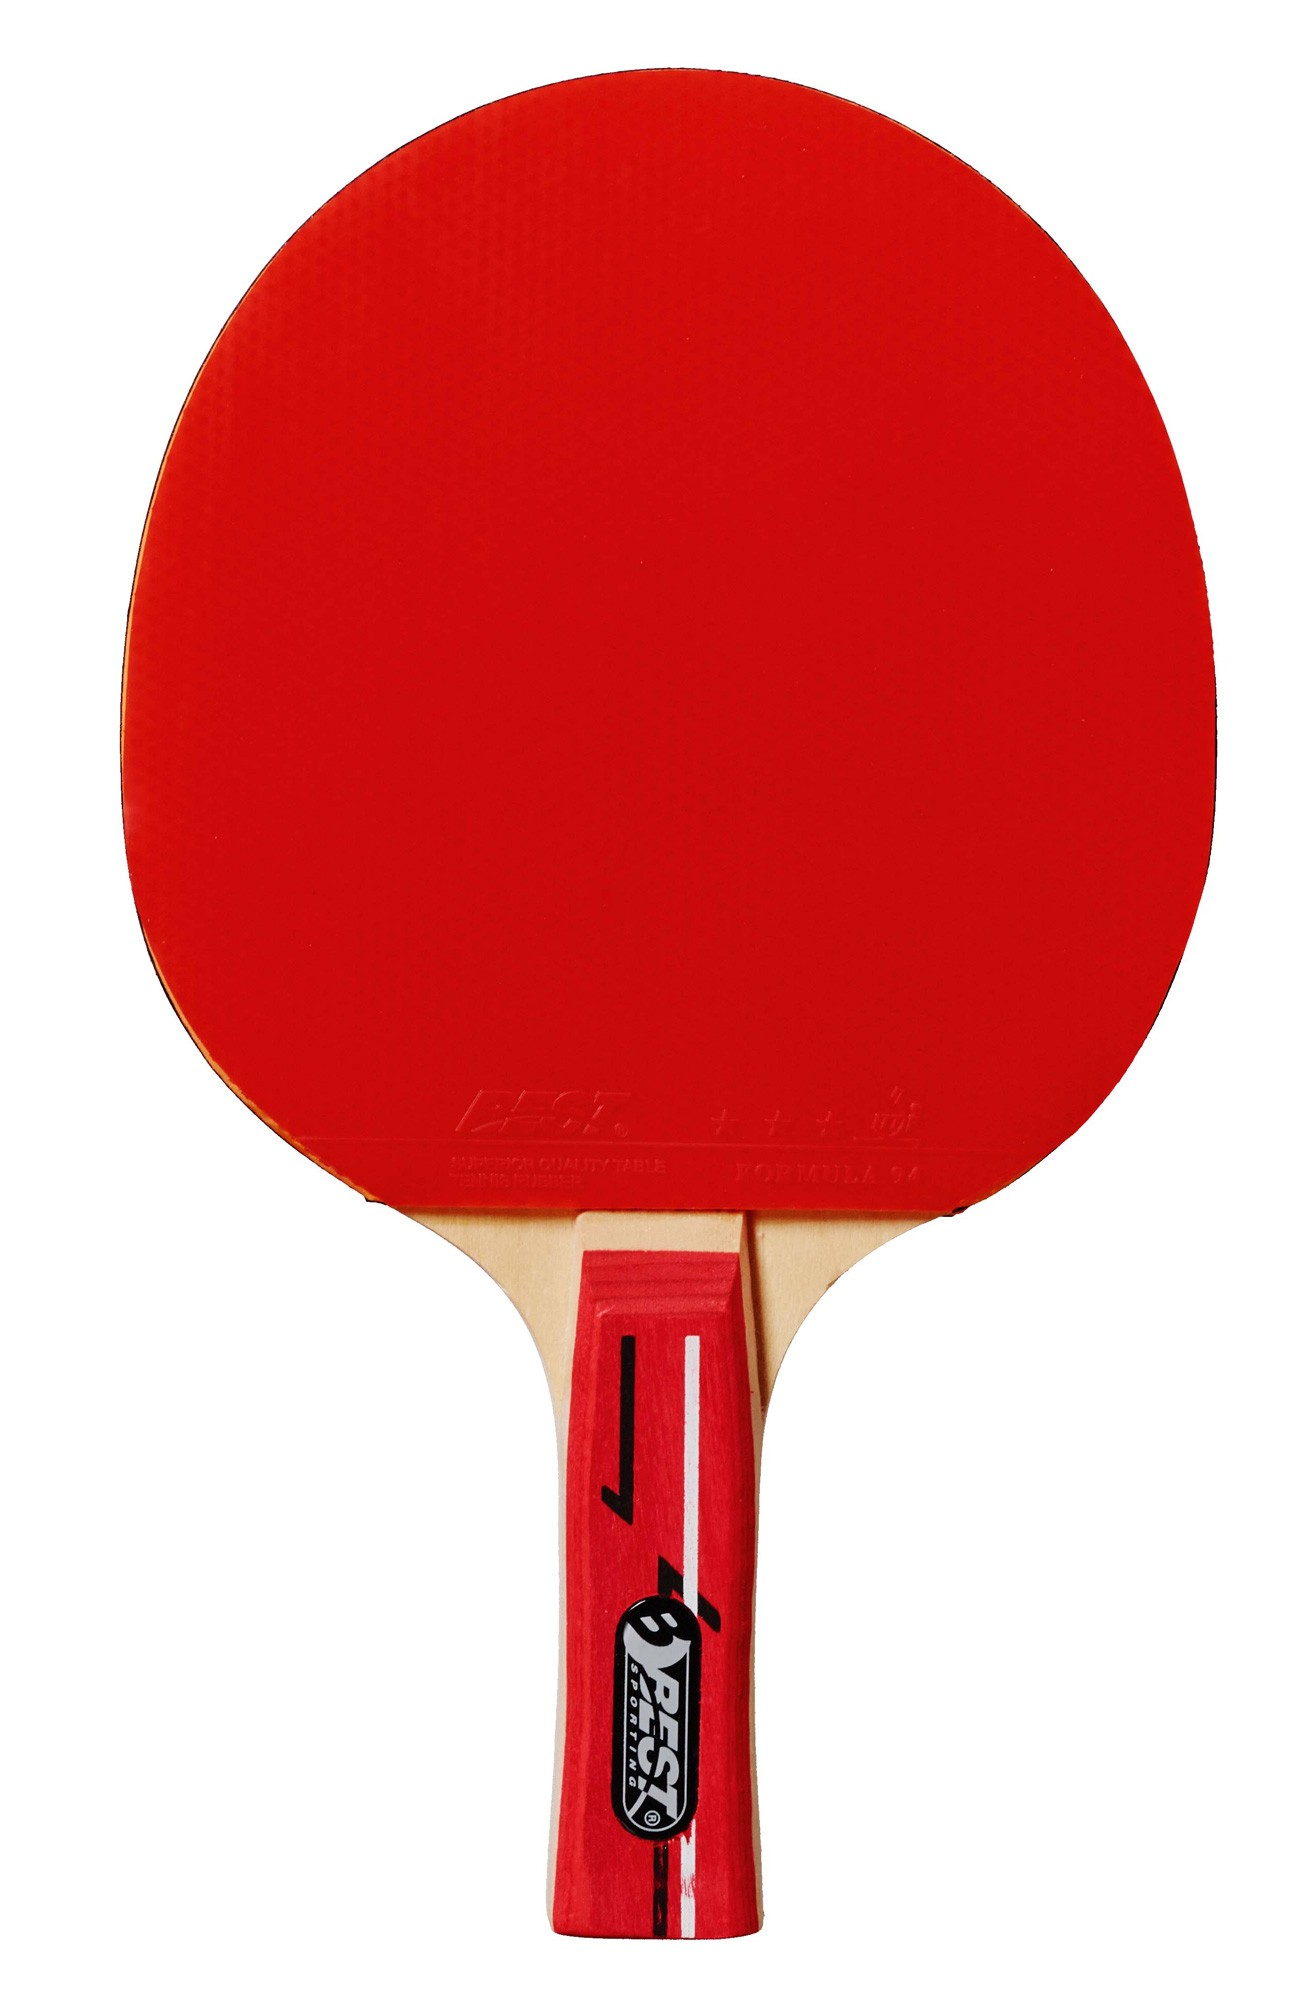 Tischtennis Schläger Speed Stufe S-Könner Bild 1